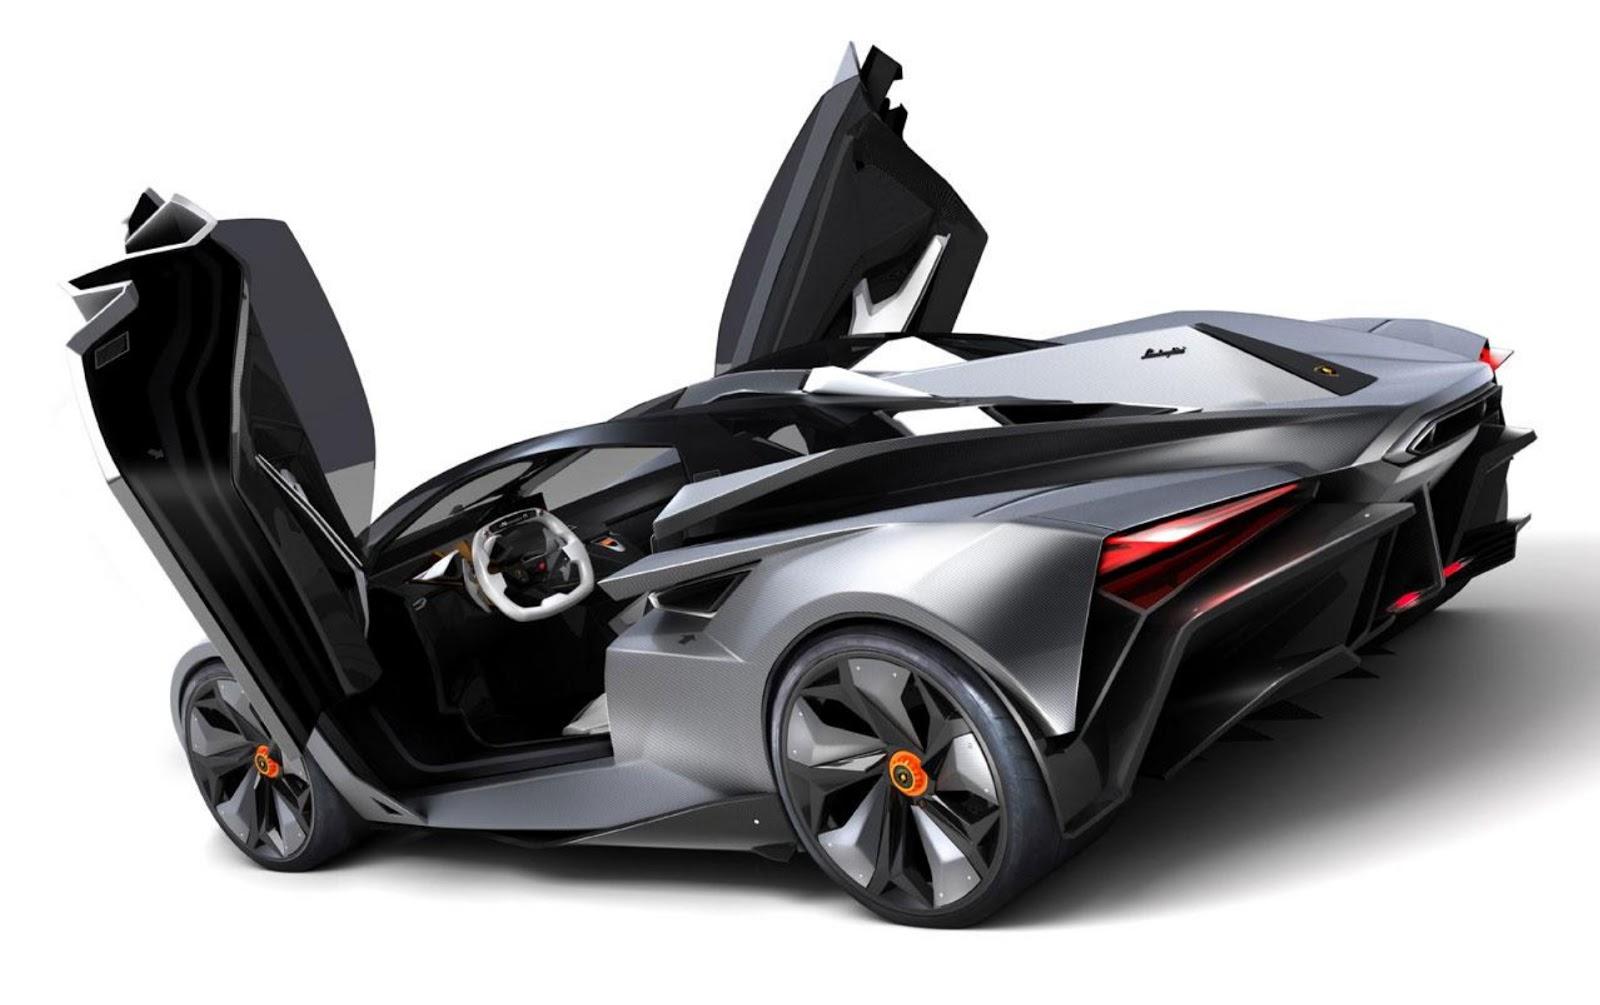 Luxury Lamborghini Cars: 2013 Lamborghini Cabrera Concept